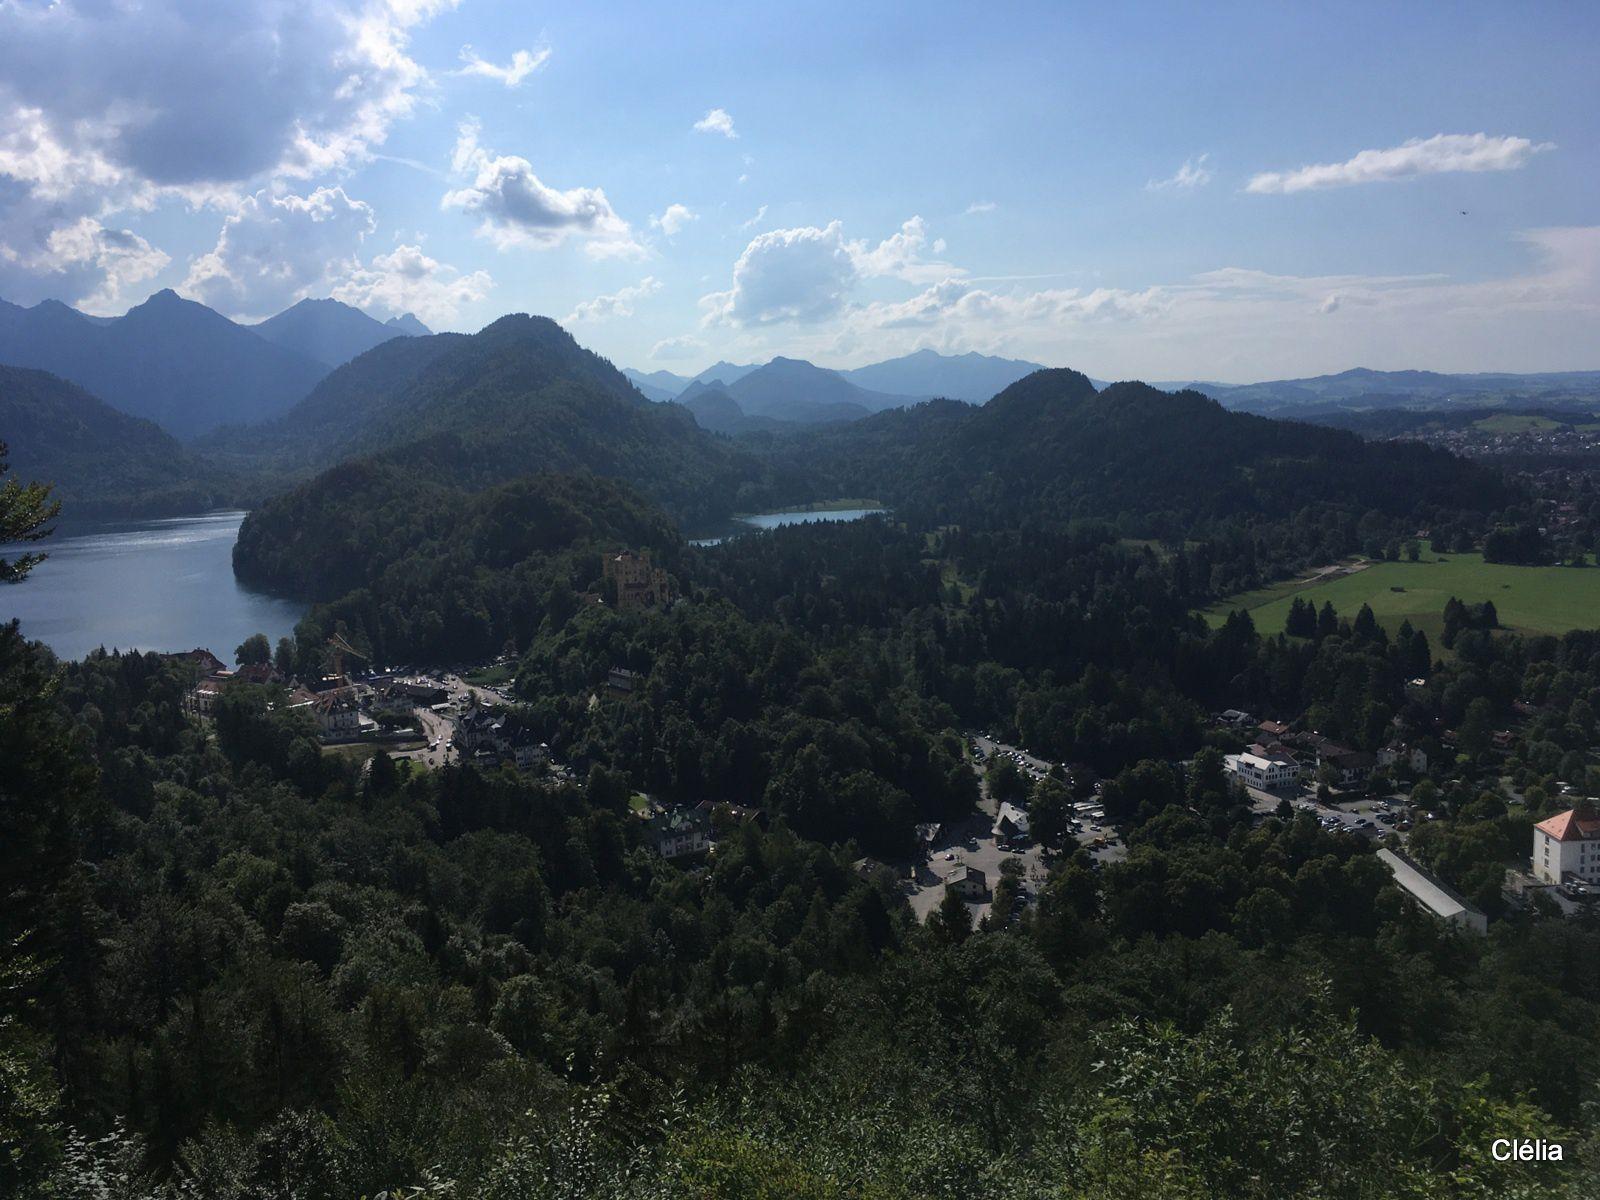 De  gauche à droite : l'Alpsee, le château de Hohenschwangau et le Schwansee